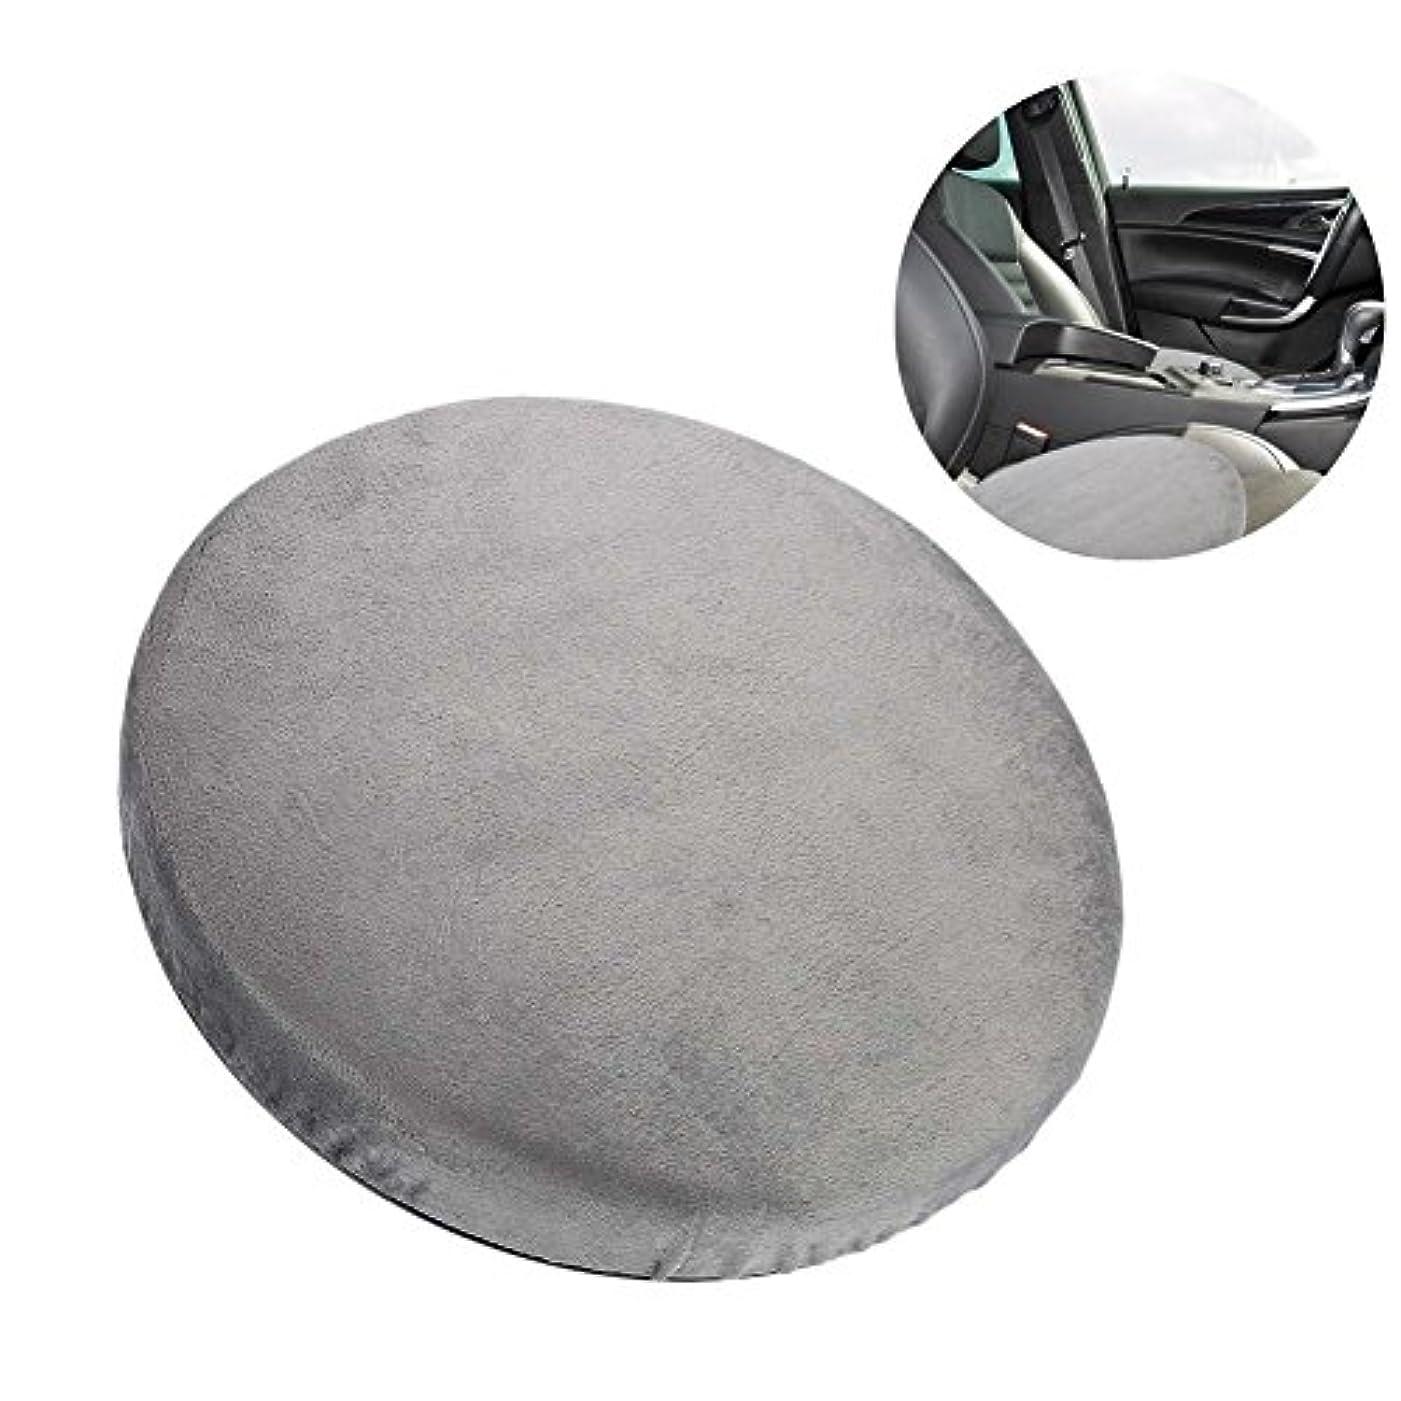 飛び込む挨拶災難の座席クッション、360°回転クッション車のオフィスおよび家の使用のための滑り止めの回転イスのパッドは腰痛および圧力を取り除く